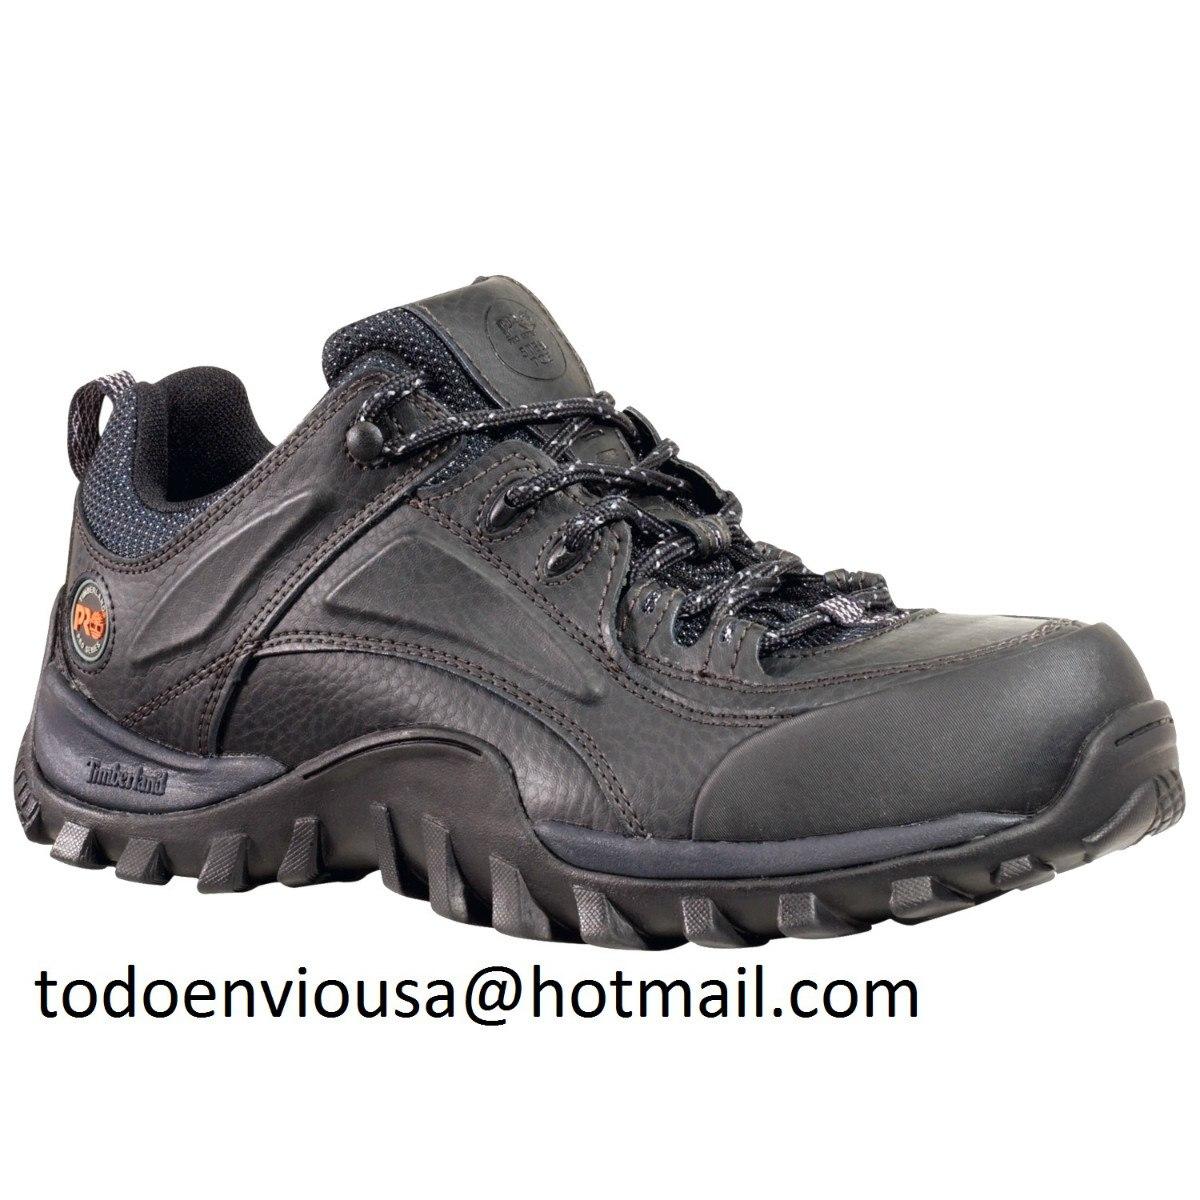 Zapatos de seguridad industrial desyc share the knownledge - Calzados de seguridad ...